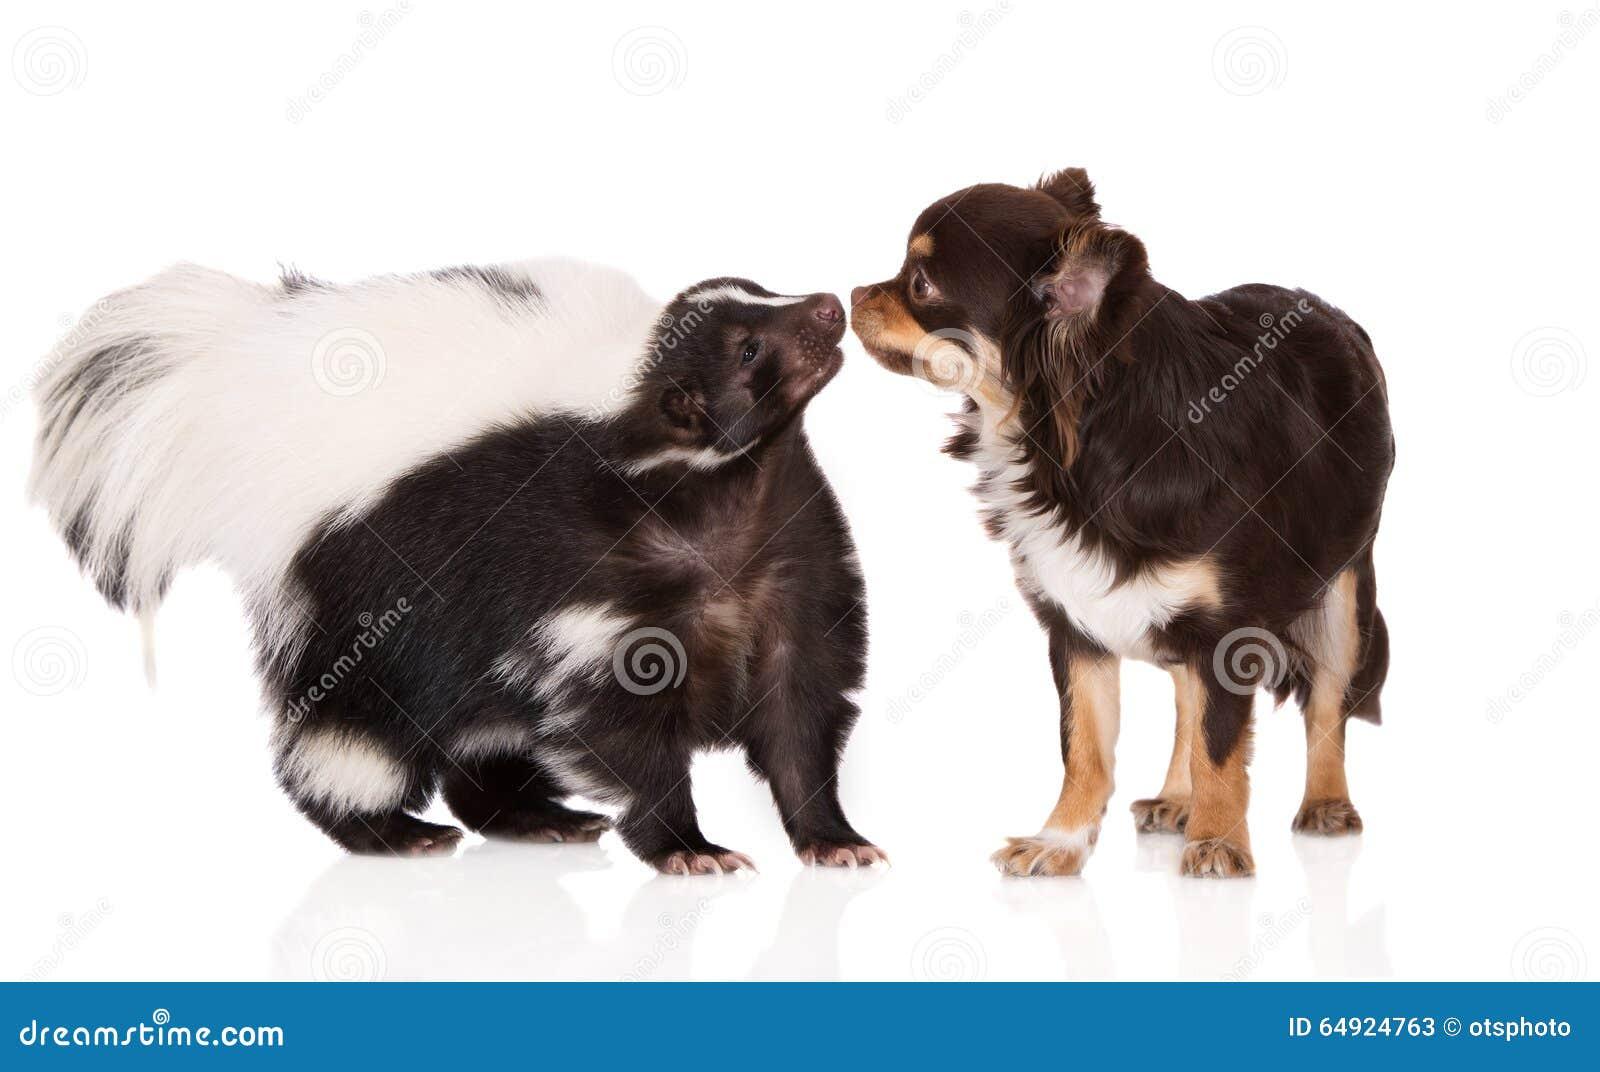 Stinkdier en chihuahuahond